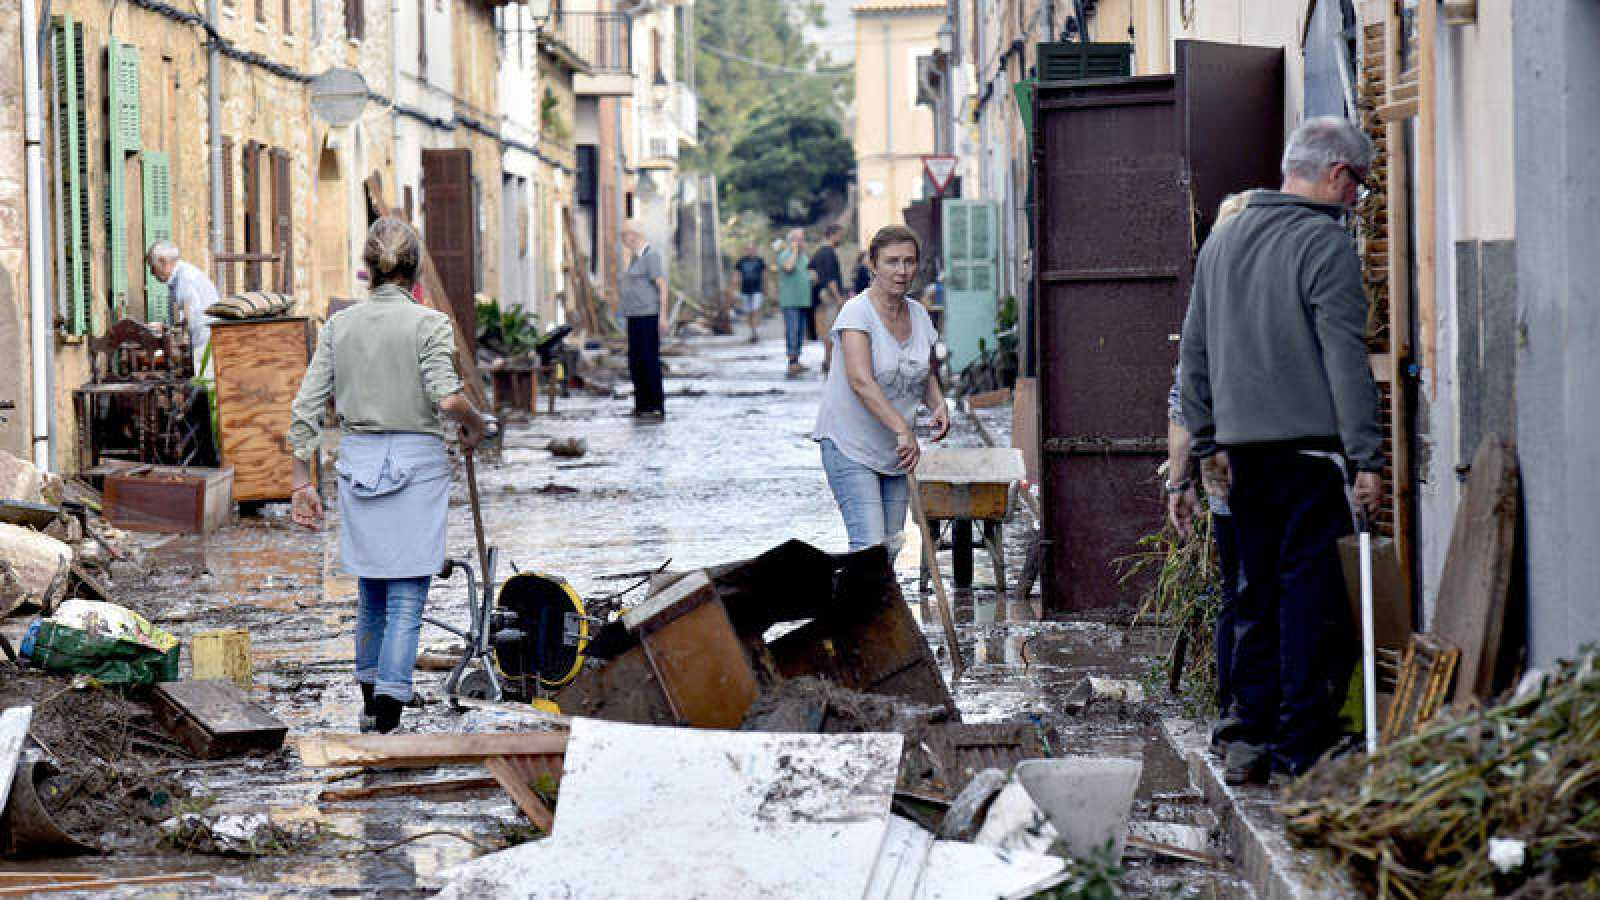 Vista de una de las calles de la localidad mallorquina de Sant Llorenç, tras las lluvias torrenciales